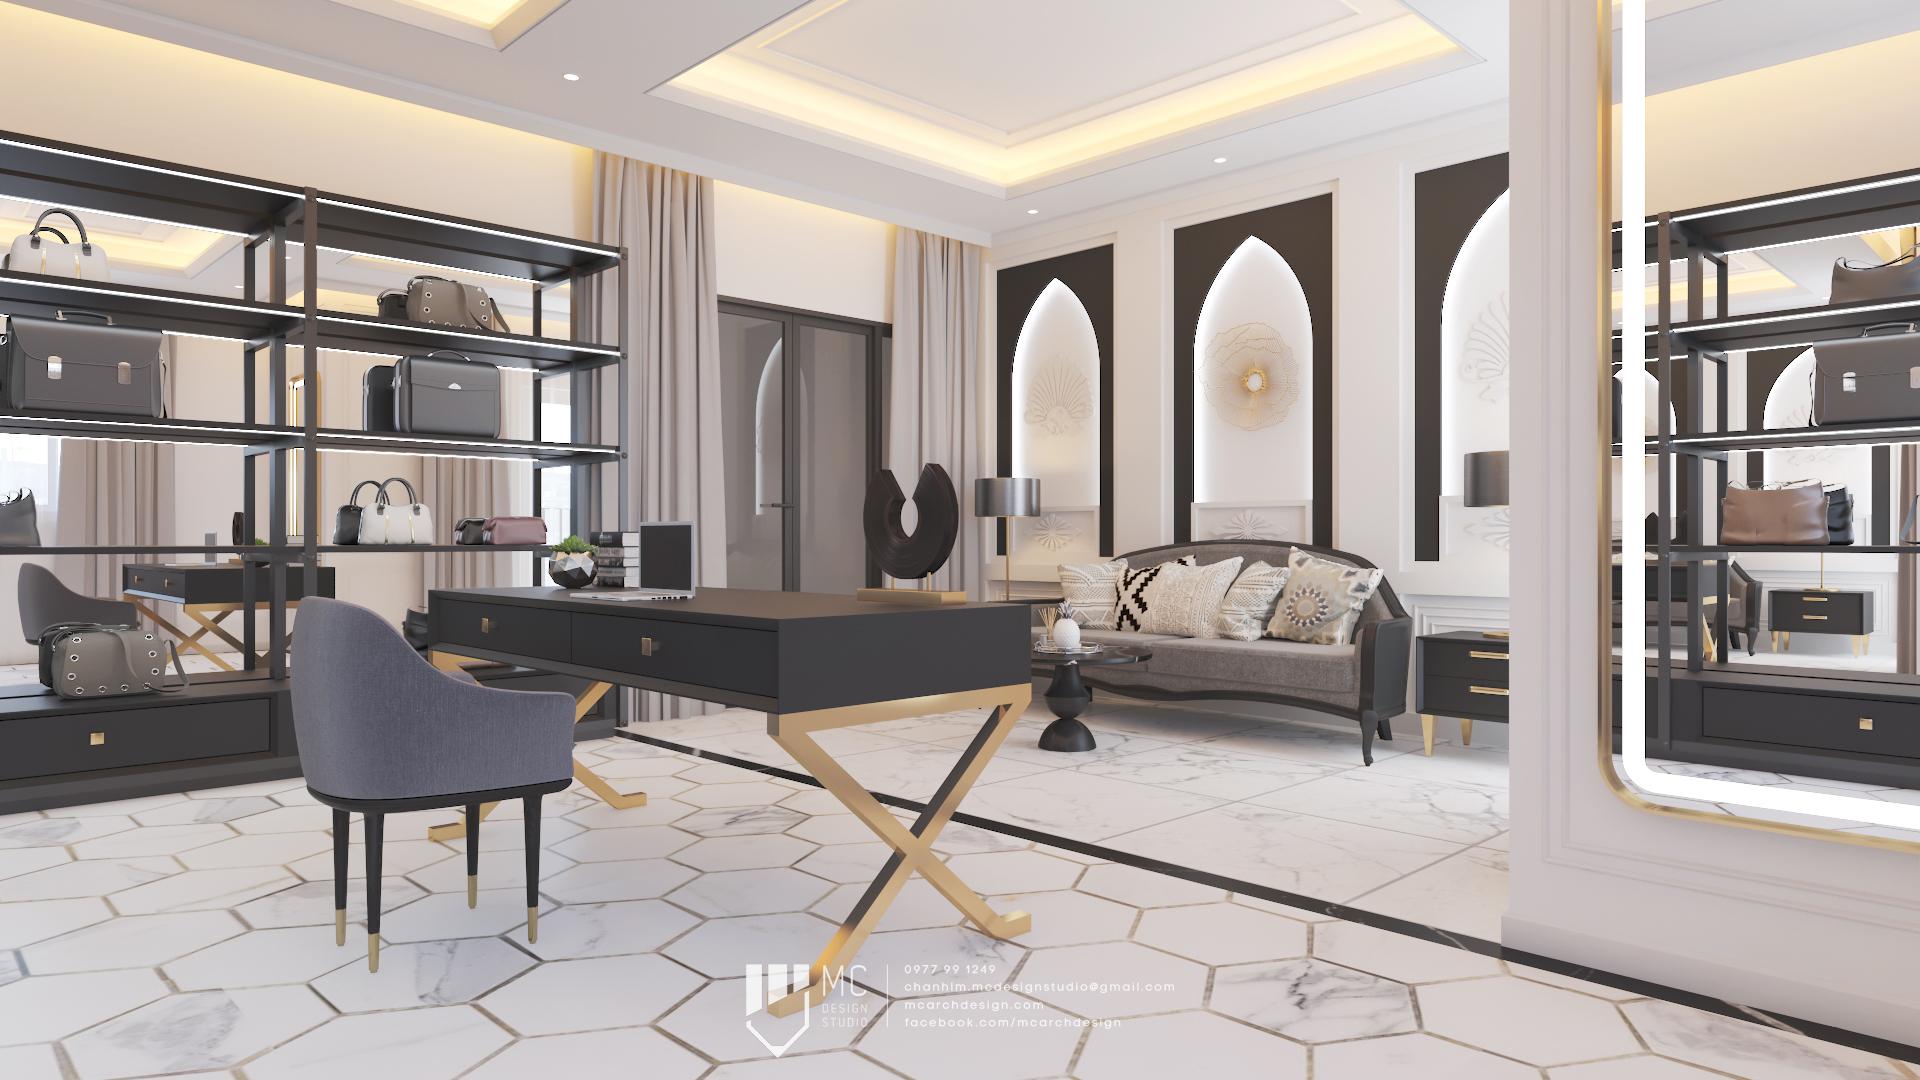 Thiết kế nội thất Nhà Mặt Phố tại Hồ Chí Minh Rosita Q9 1590741785 6